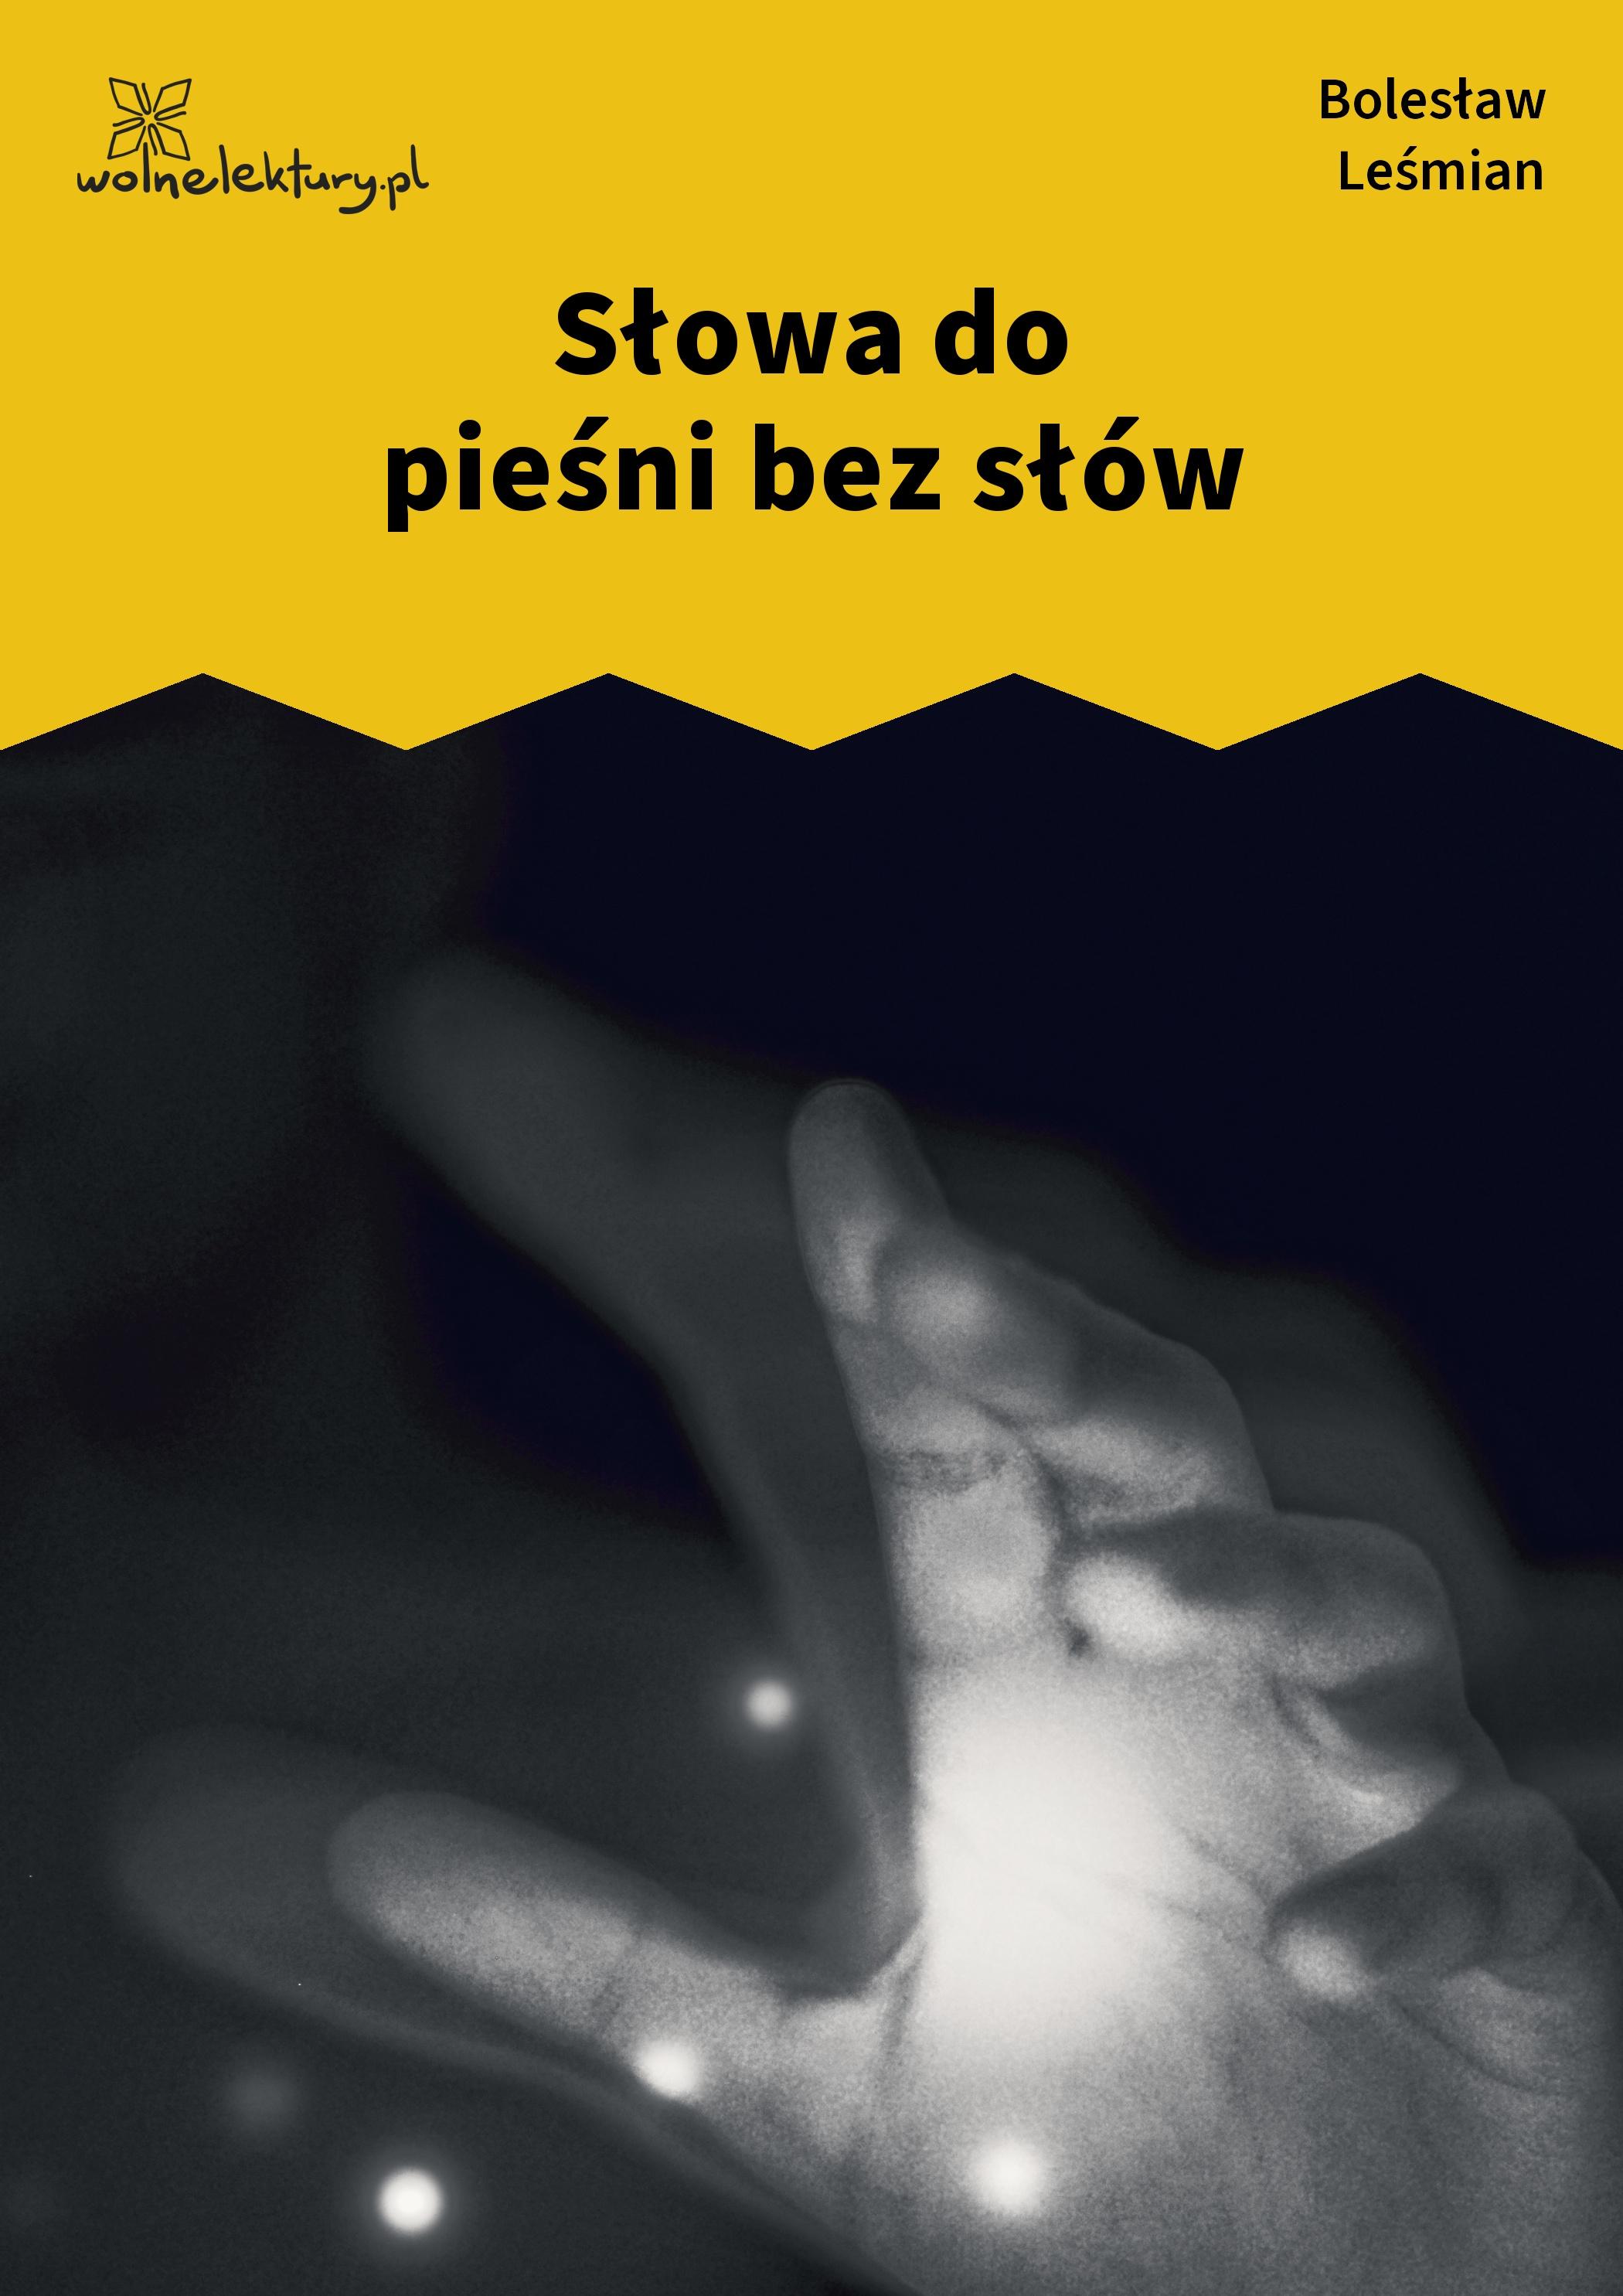 Bolesław Leśmian Napój Cienisty W Nicość śniąca Się Droga